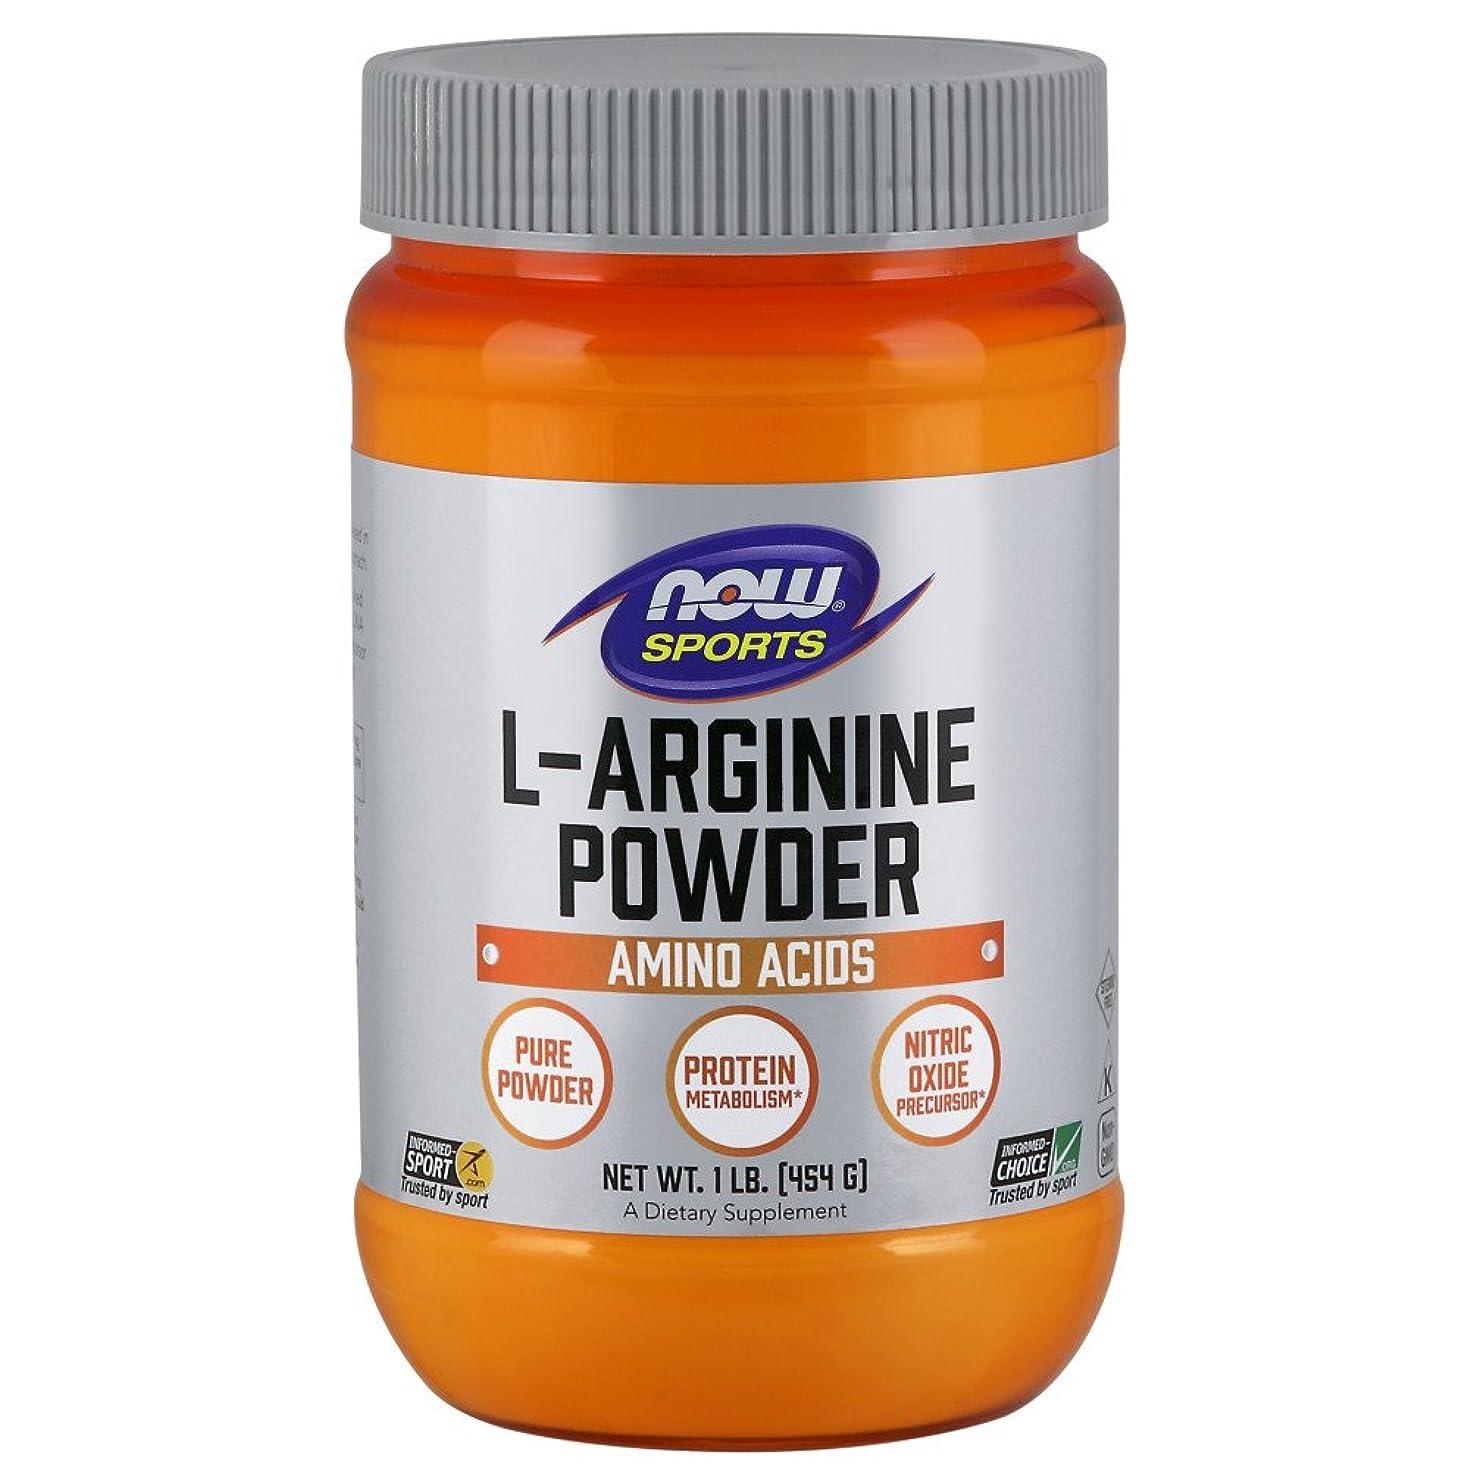 食べる流暢反抗L-アルギニンパウダー 1ポンド(約454g) (海外直送品)